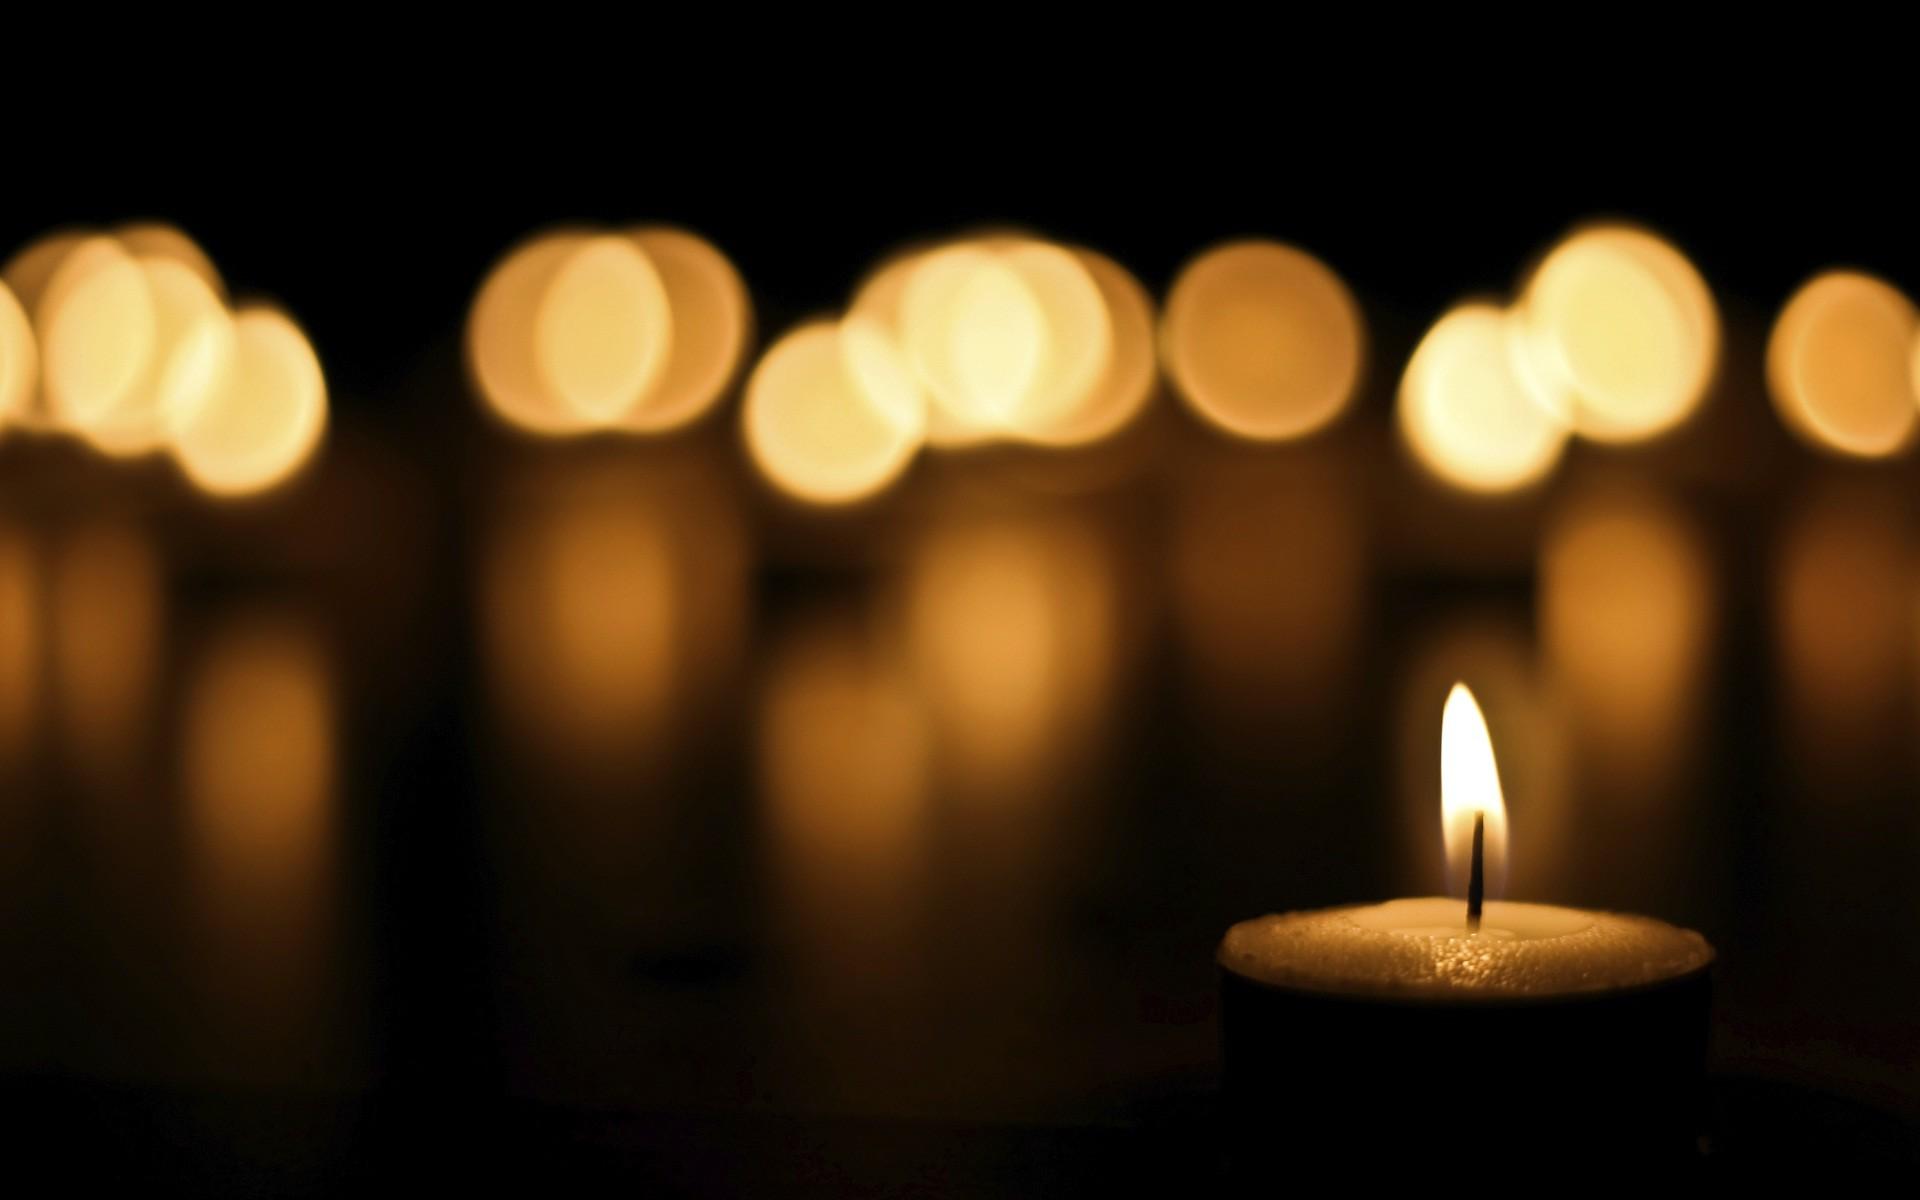 Candle light shine desktop background